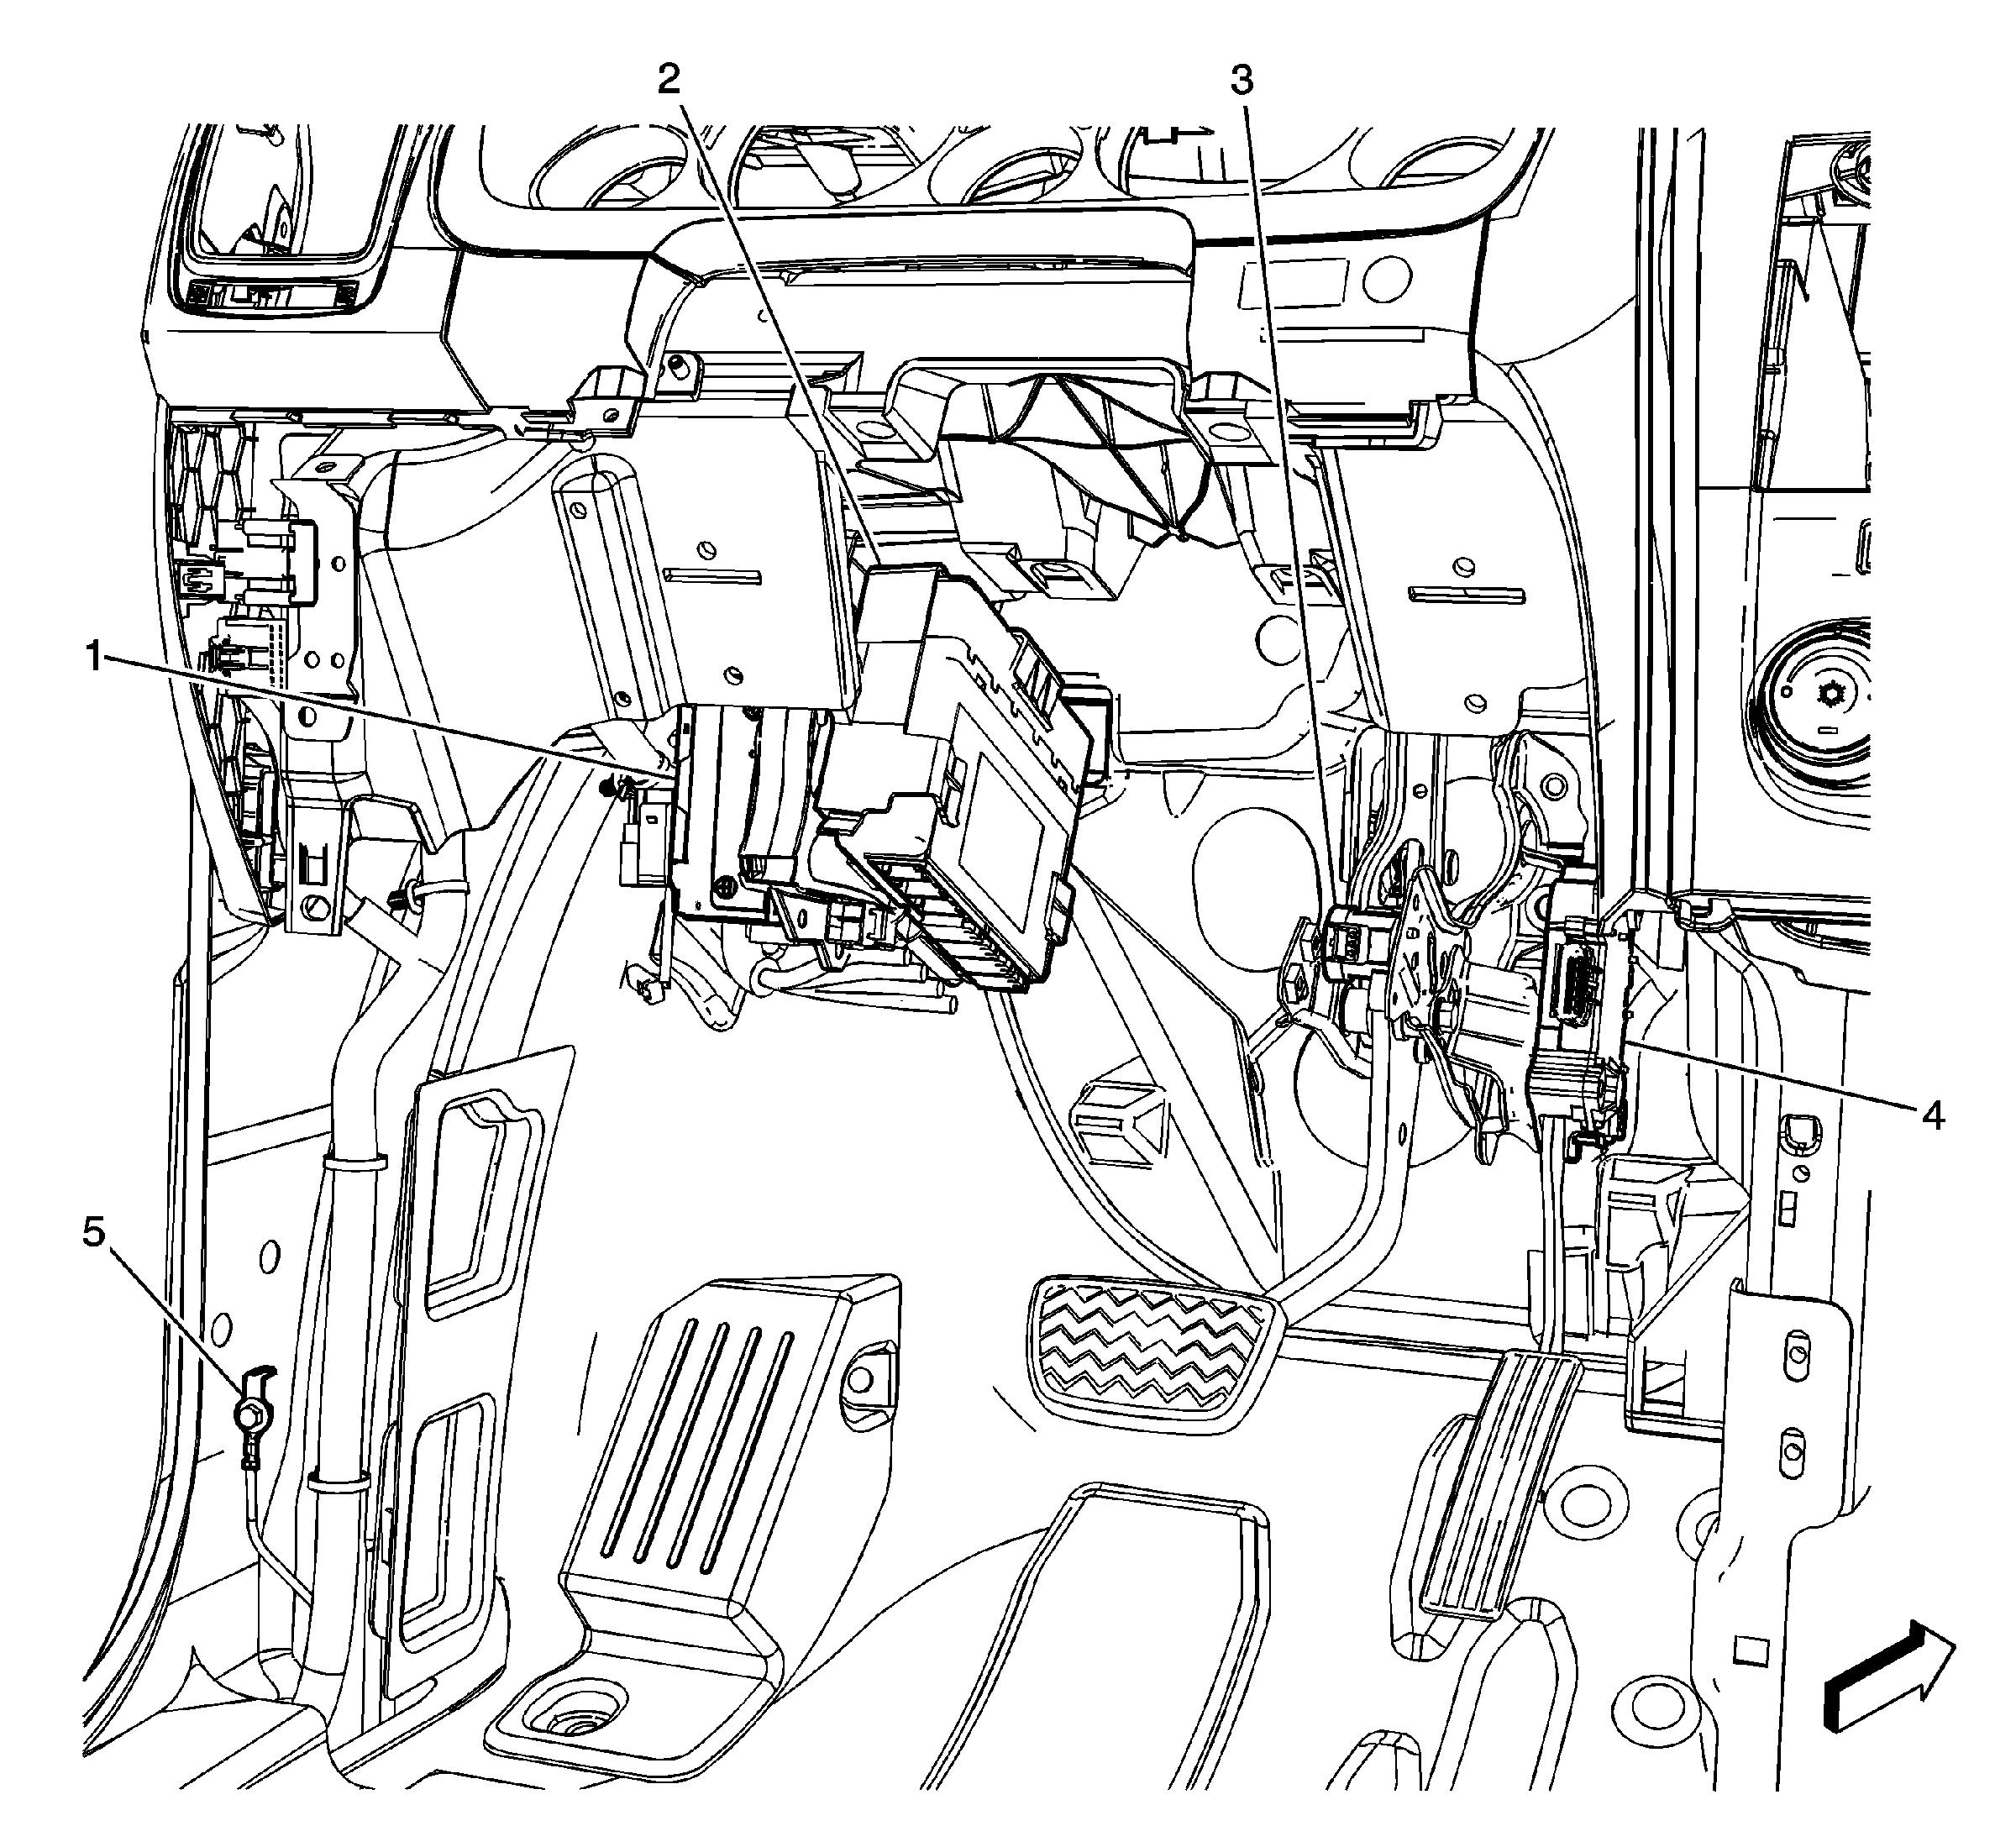 p0752 enclave